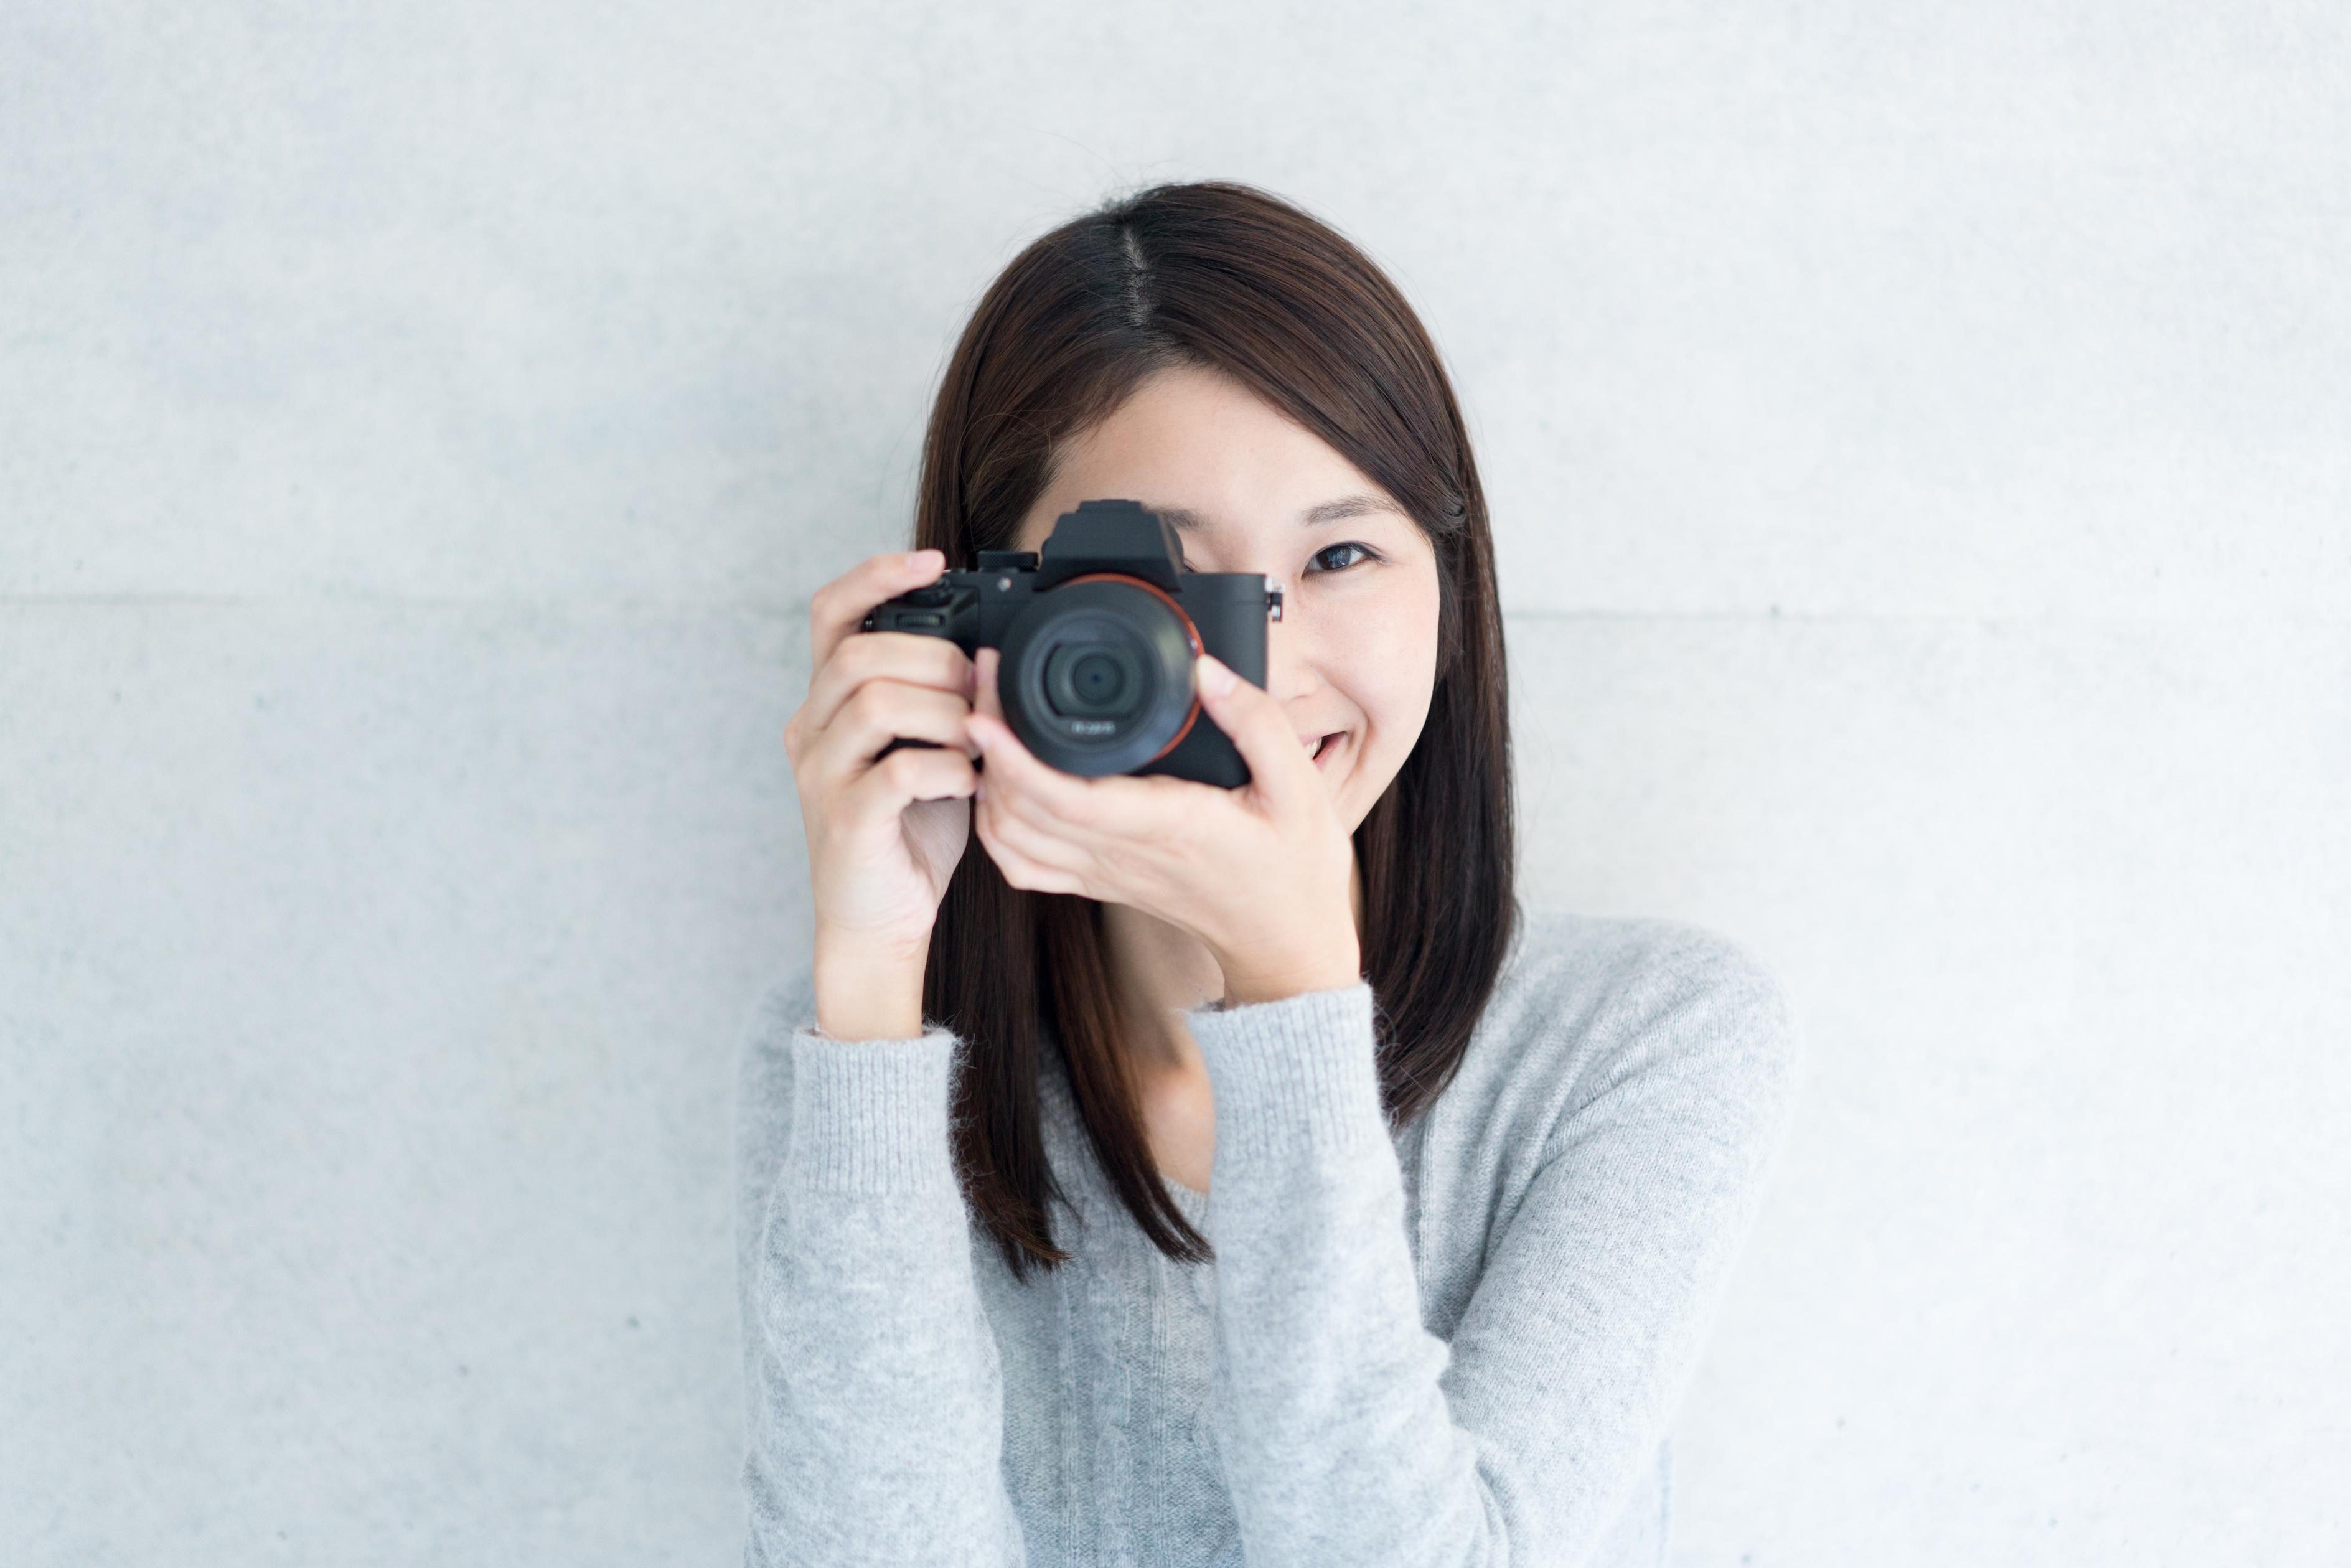 写真を撮る初心者の女性